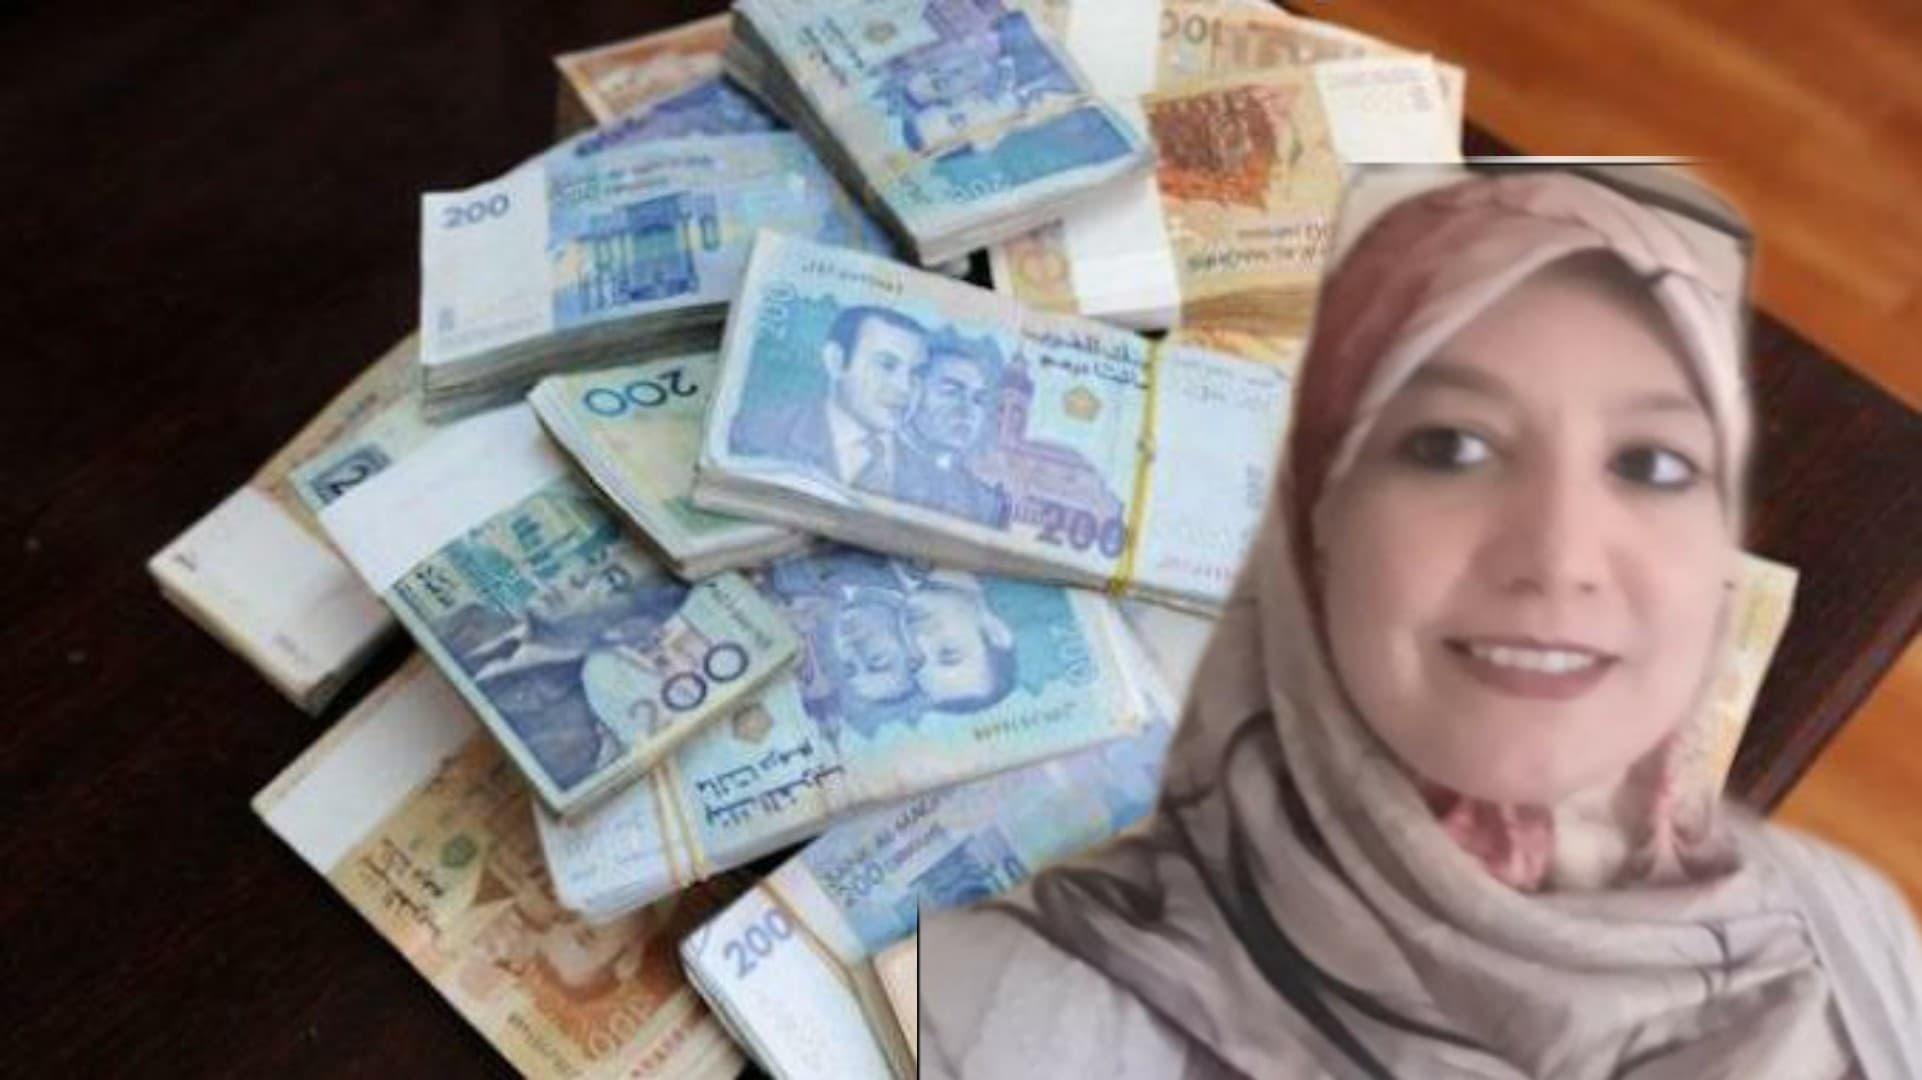 ربيعة ياسين تكتب .. أين تعويضات أصحاب المهن الحرة في صندوق كورونا  ؟؟؟